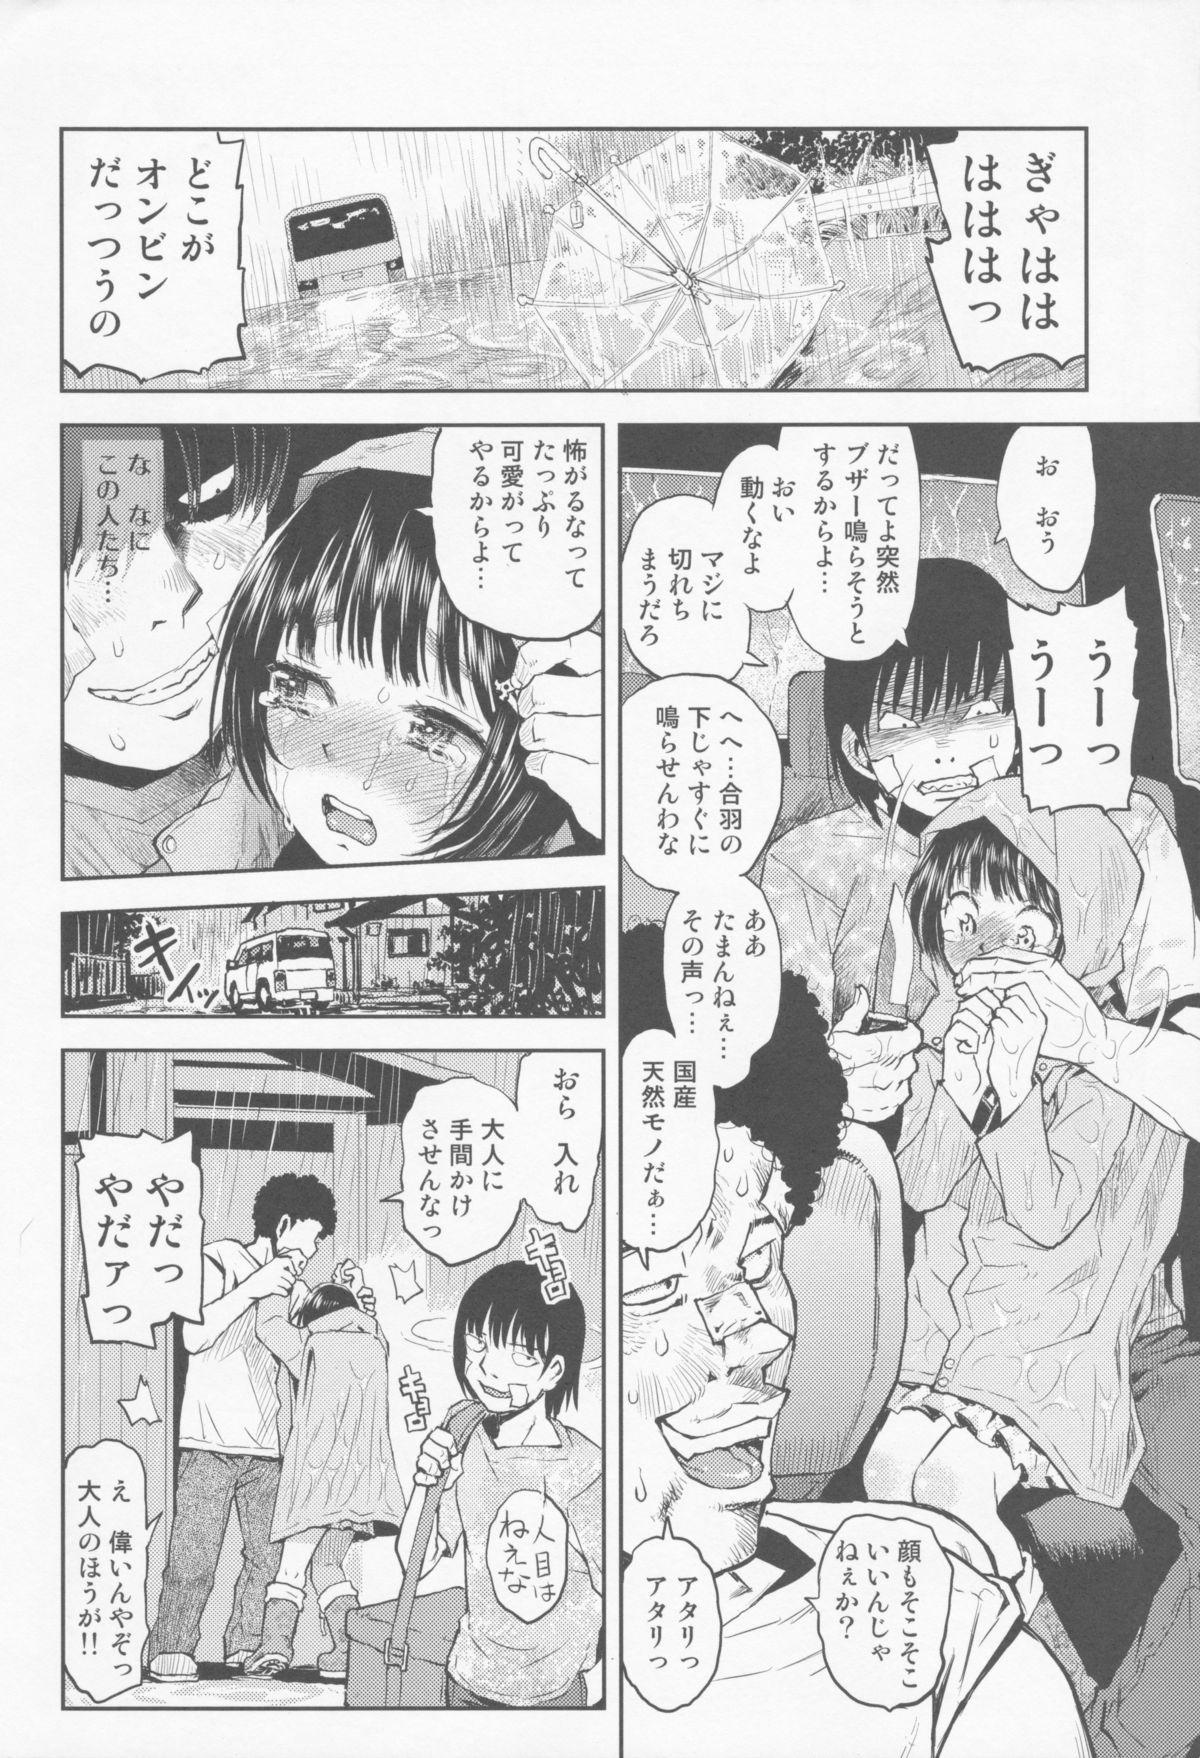 Tenchou no Musume 7